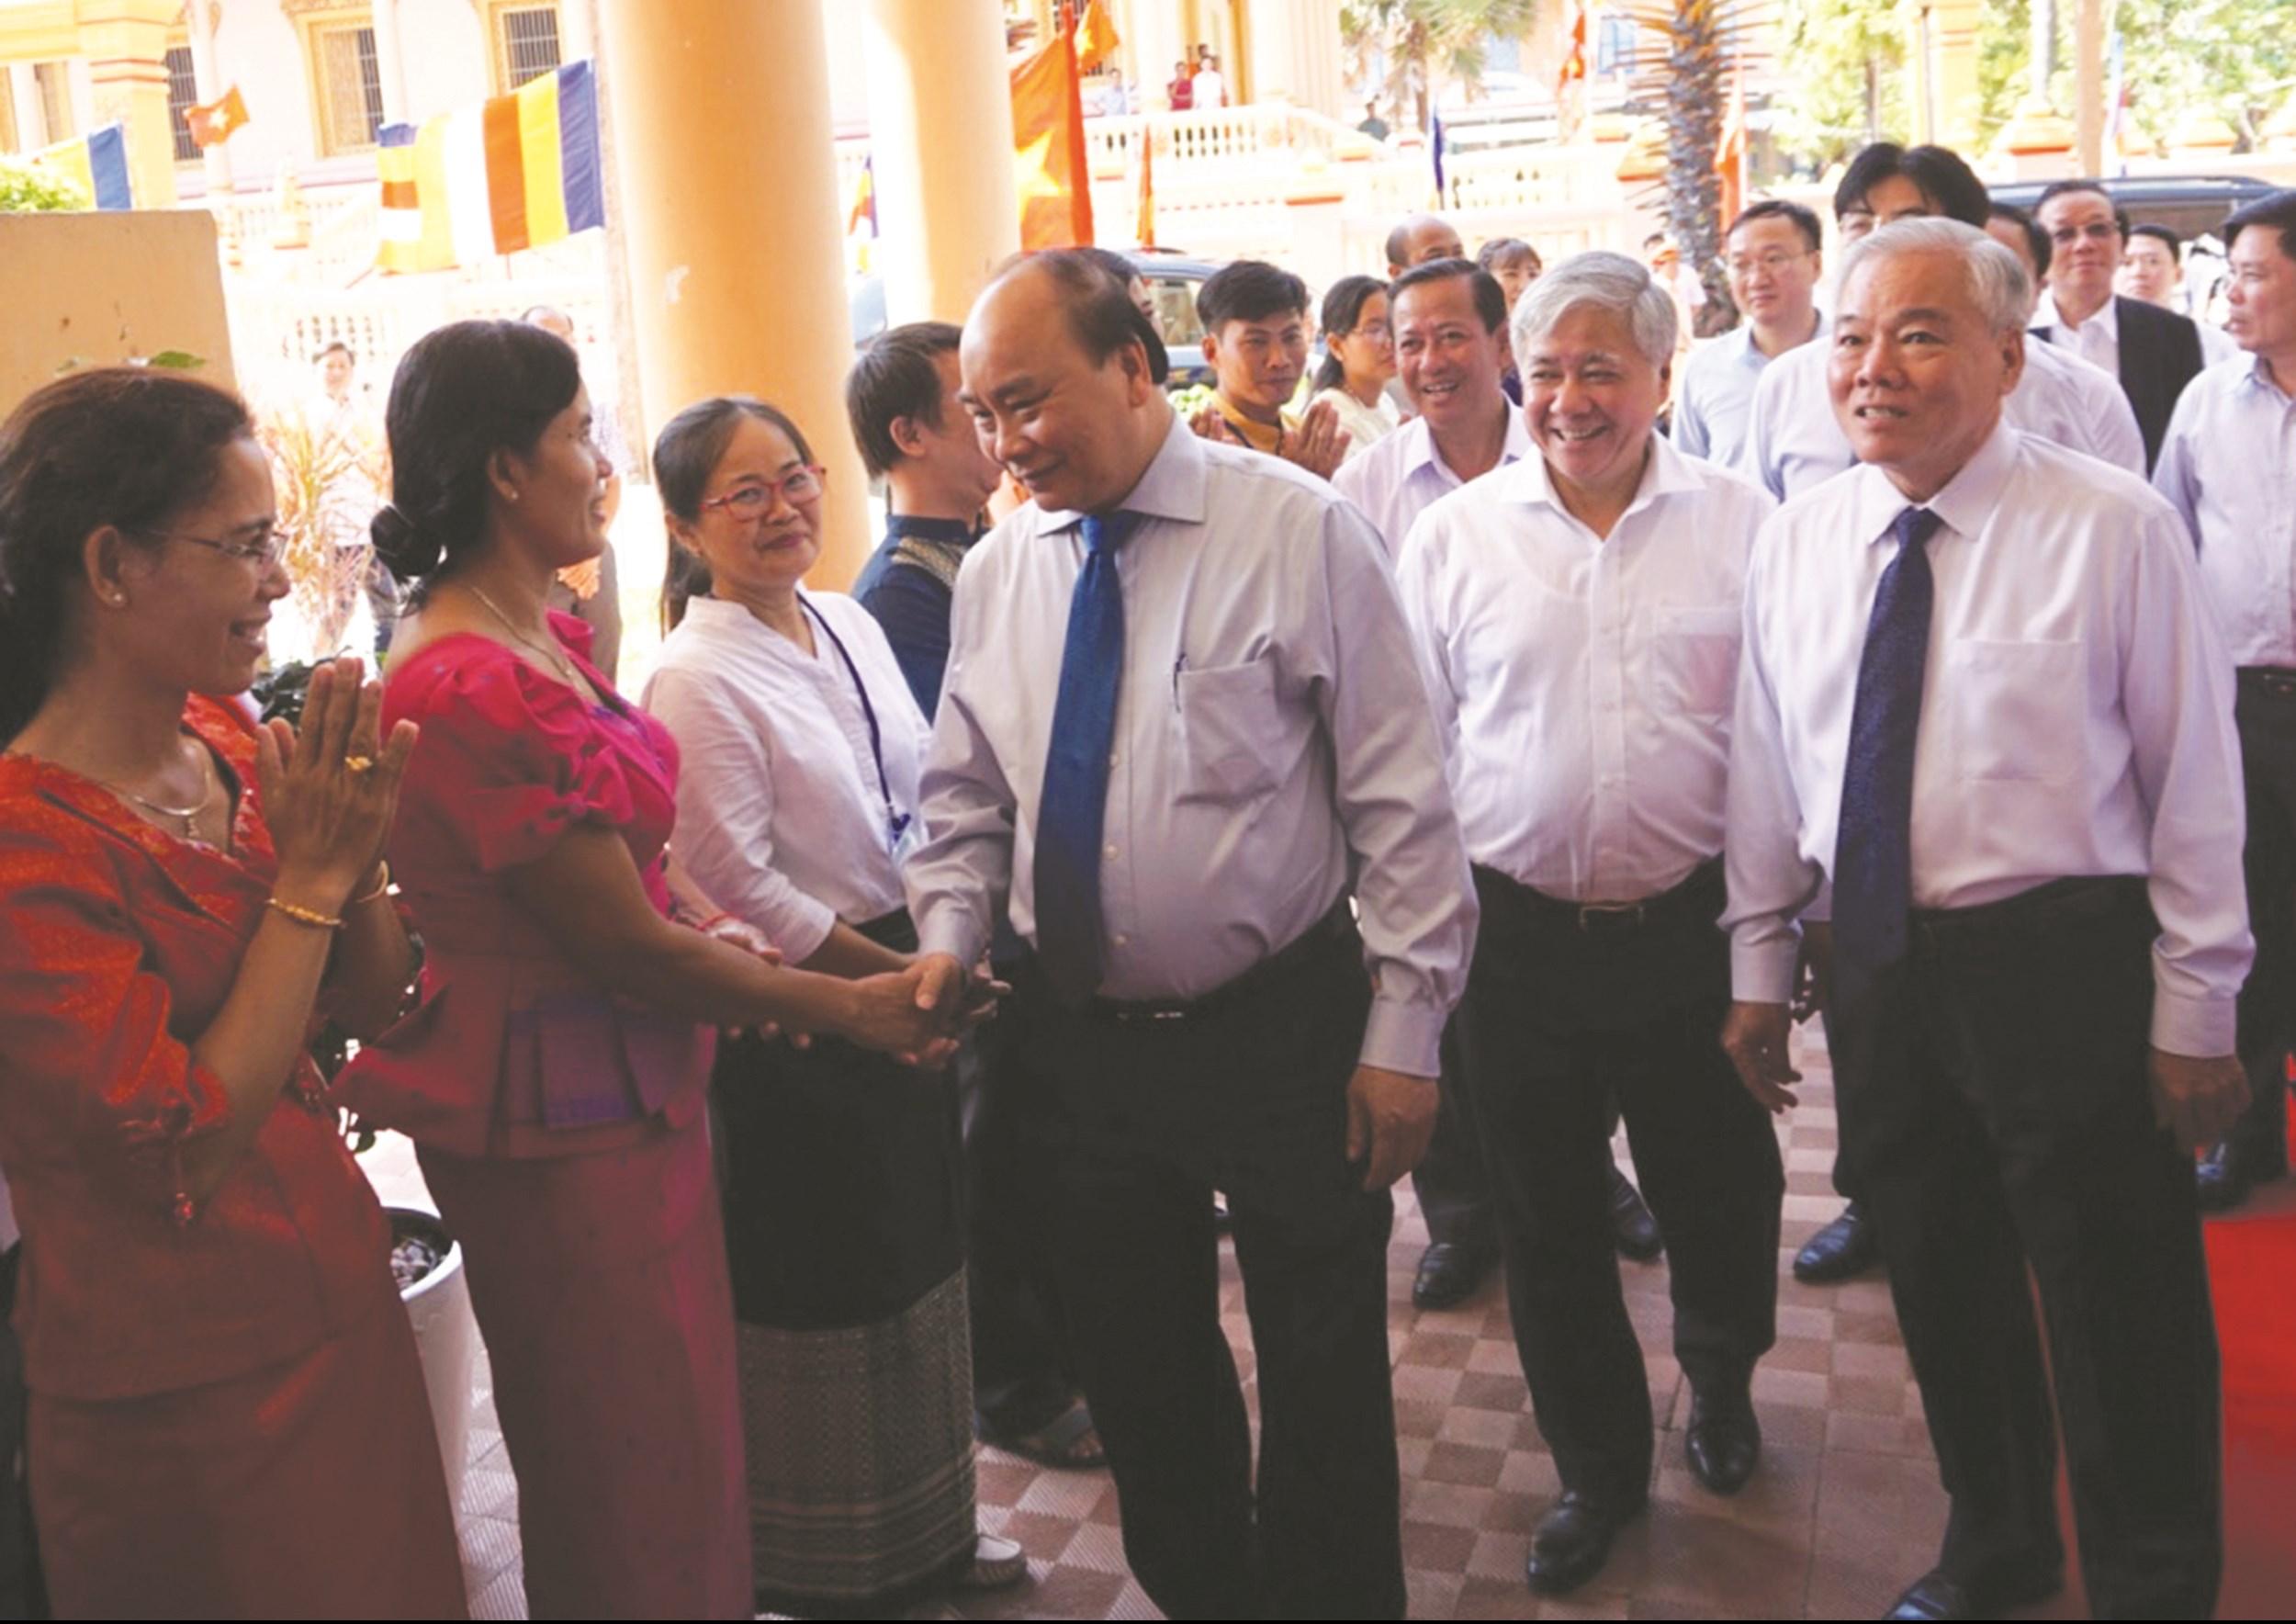 Thủ tướng Chính phủ Nguyễn Xuân Phúc, Bộ trưởng, Chủ nhiệm UBDT Đỗ VănChiến đến thăm Trường Dân tộc Nội trú tỉnh Sóc Trăng nhân dịp Tết Chôl Chnăm Thmây 2019